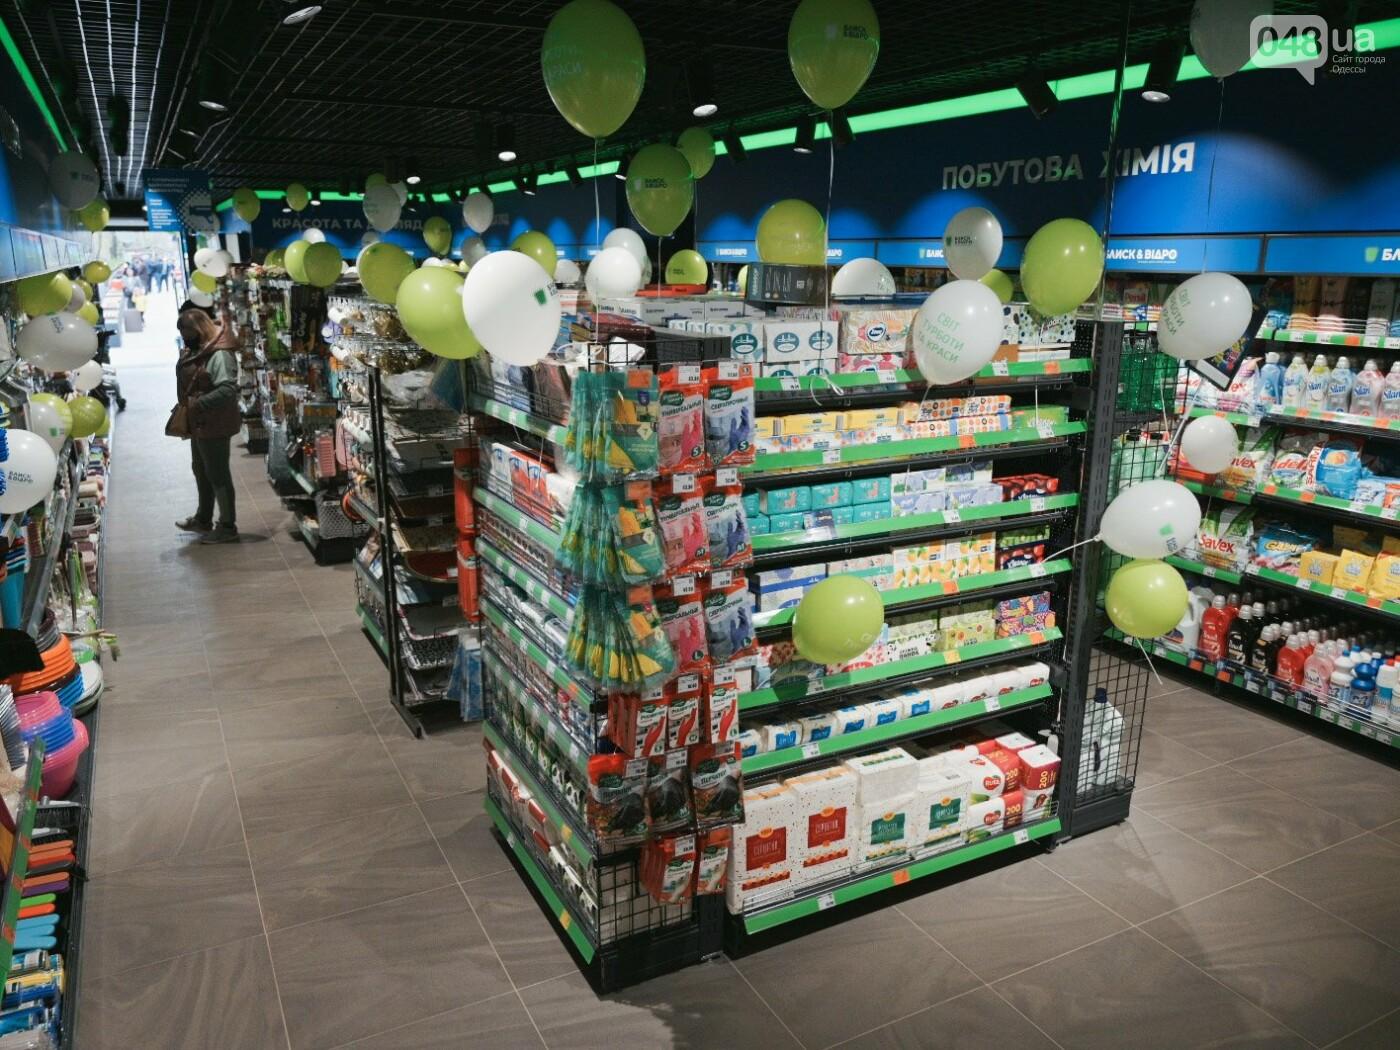 Напередодні великодніх і травневих свят компанія «Таврия В» відкриває одночасно два магазина в Одесі, фото-2